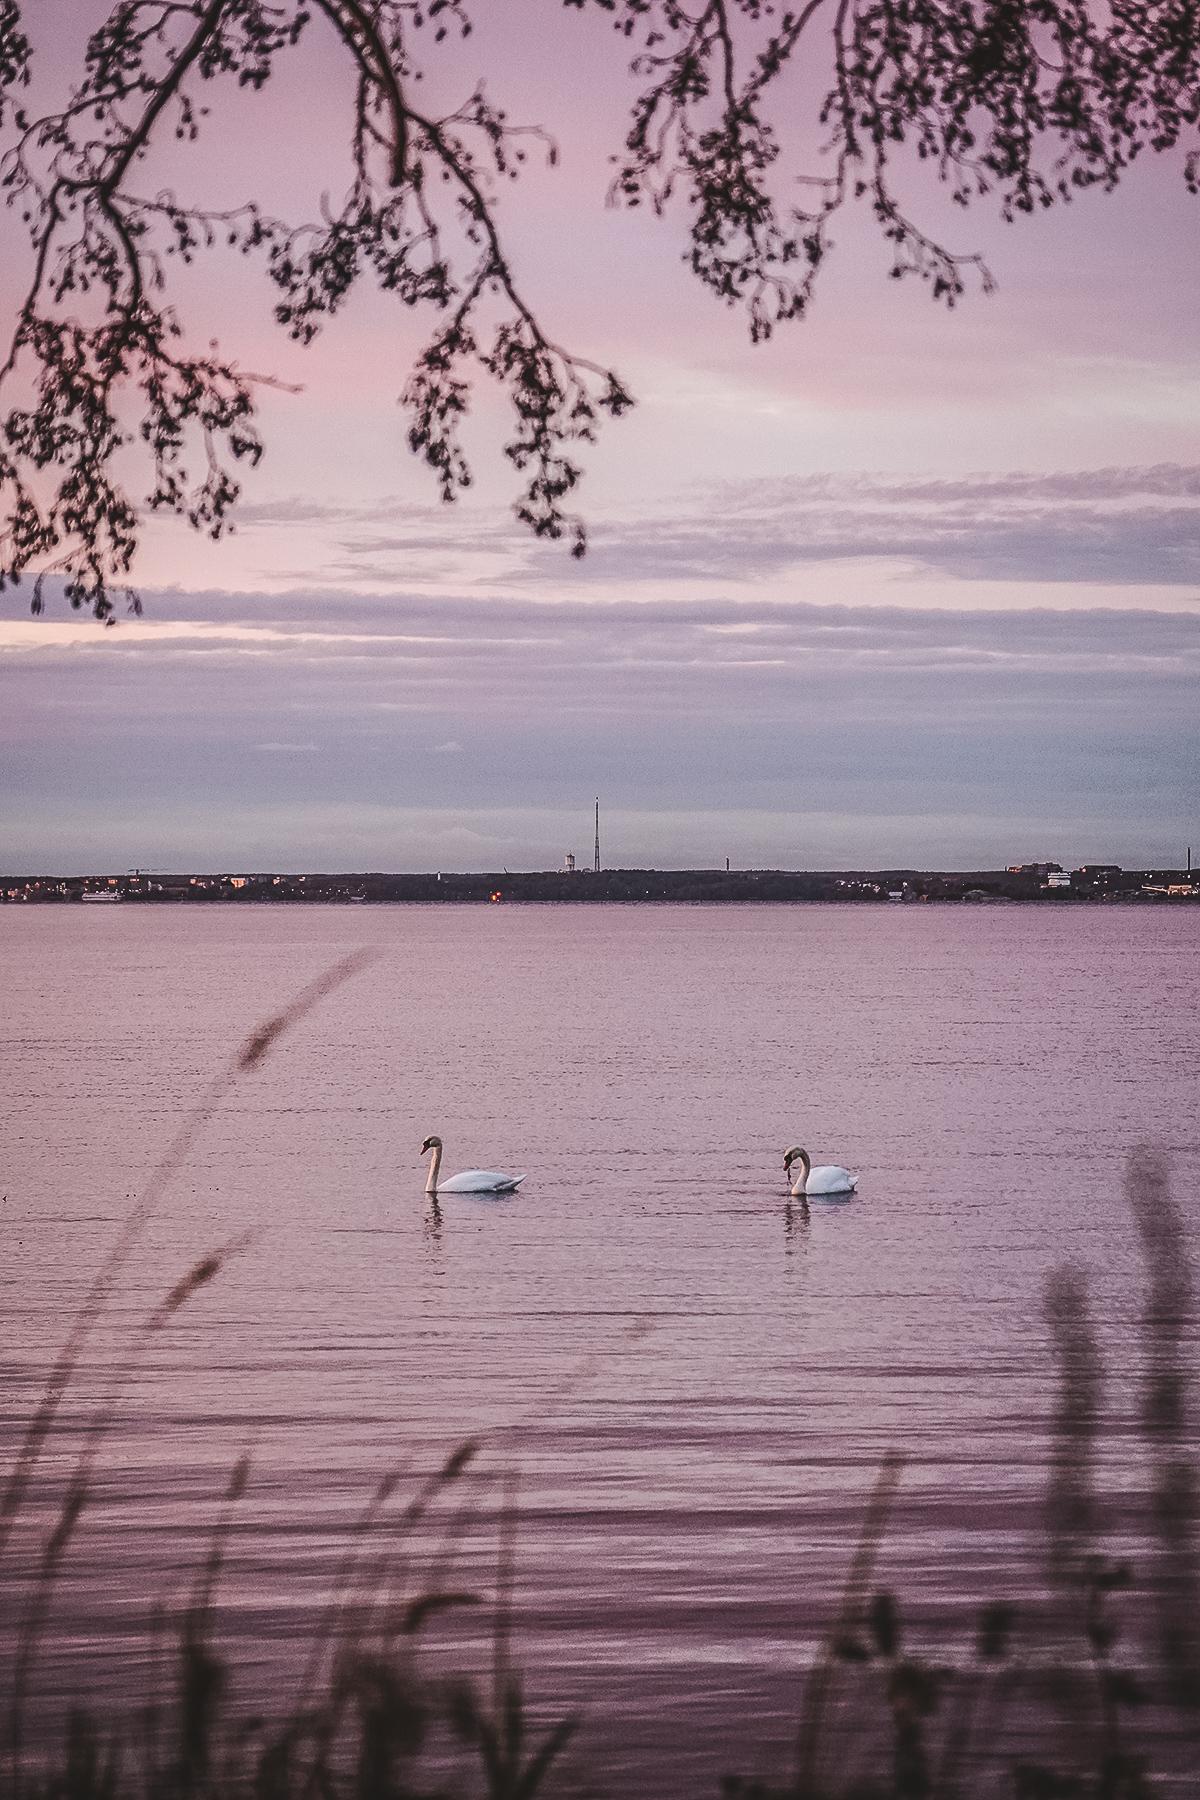 årstidernas skiftningar i Sverige